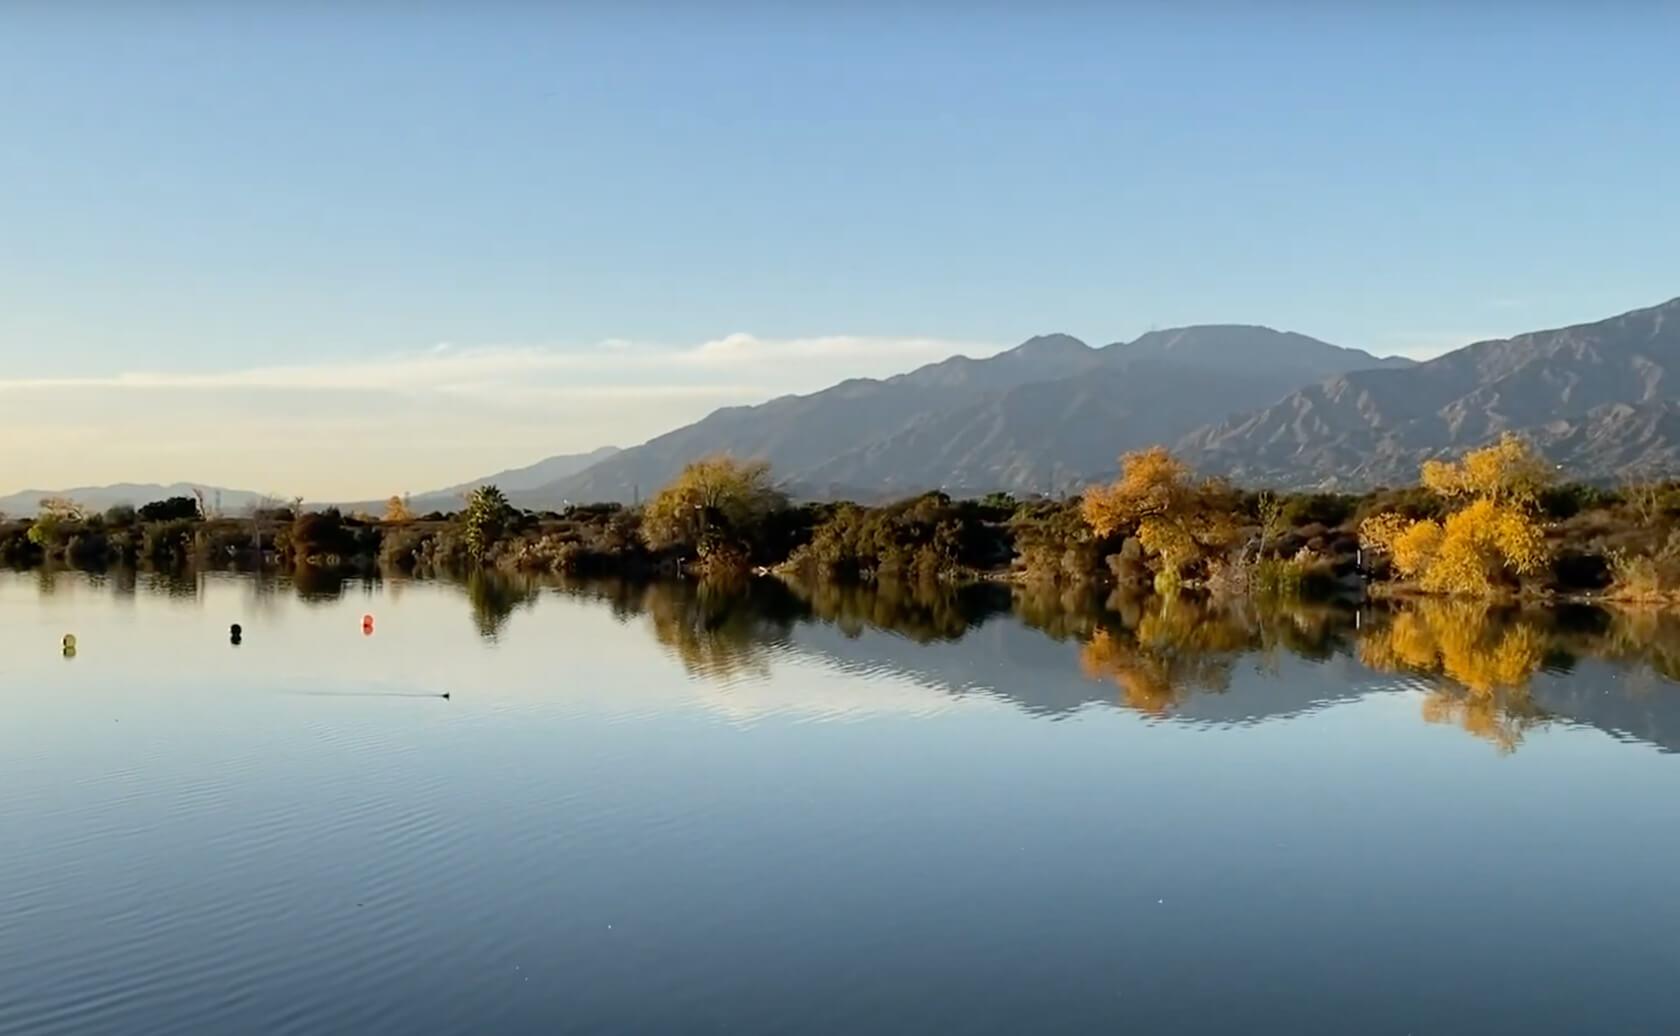 Santa-Fe-Dam-Lake-fishing-guide-report-Baldwin-Park-CA-05